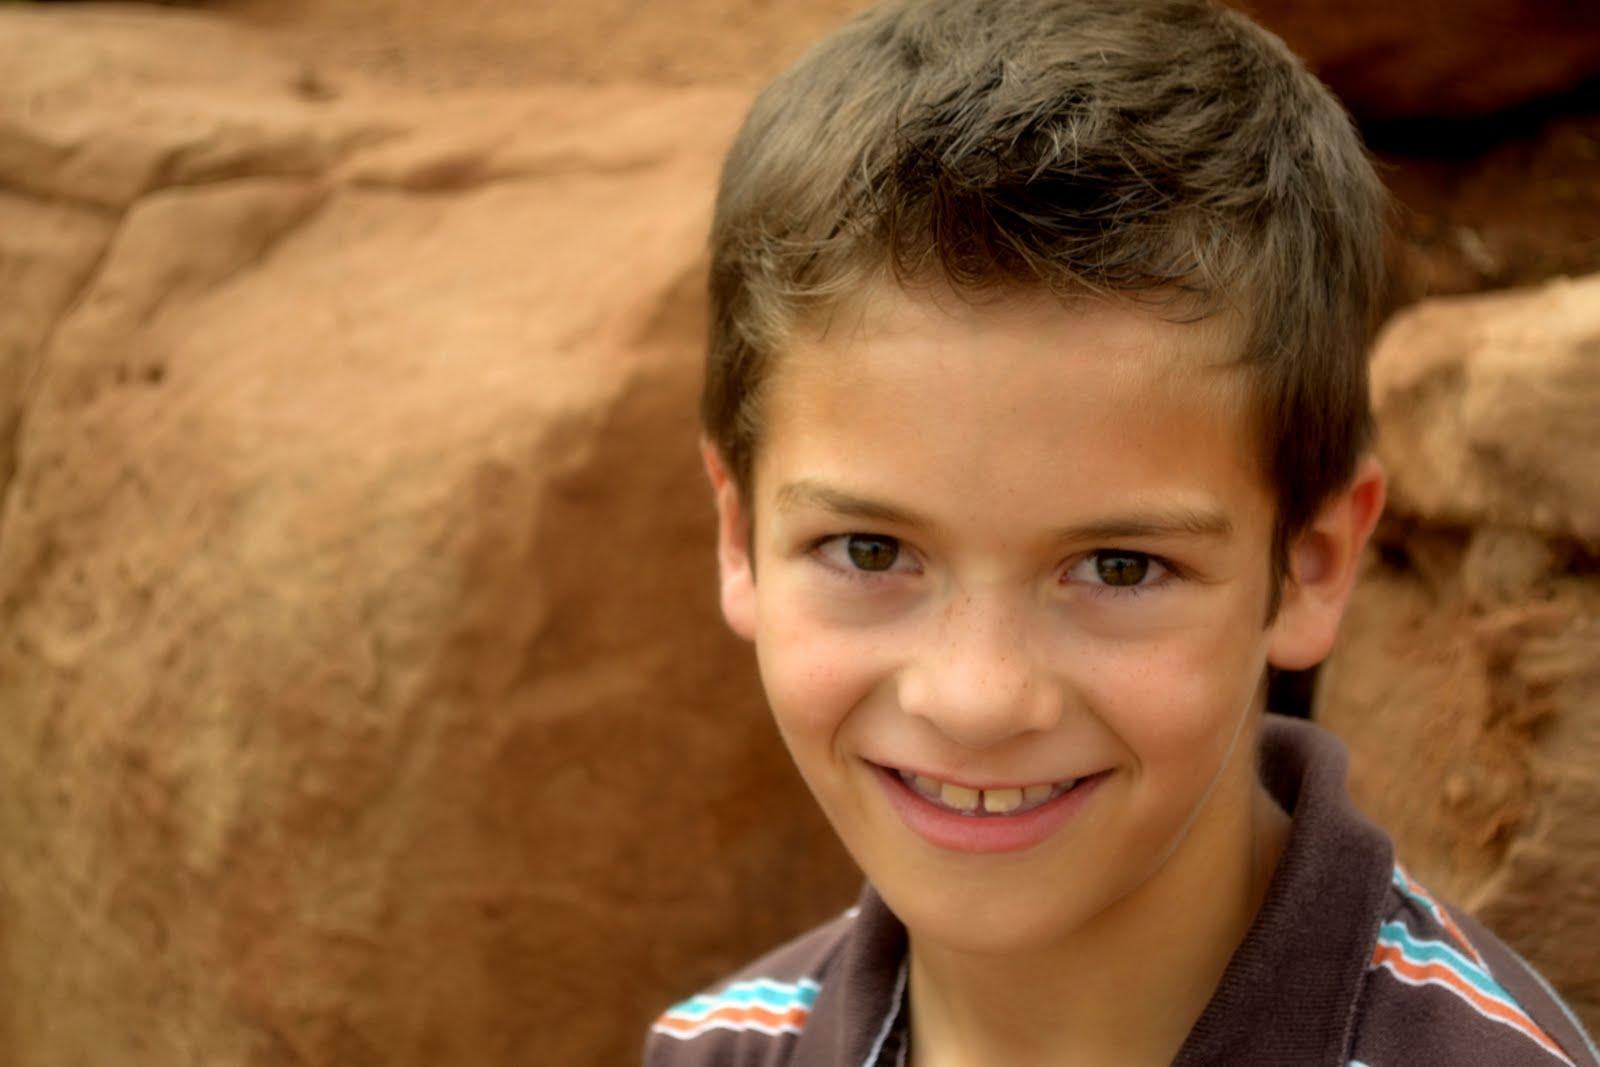 Ten Year Old Boy Newhairstylesformen2014 Com